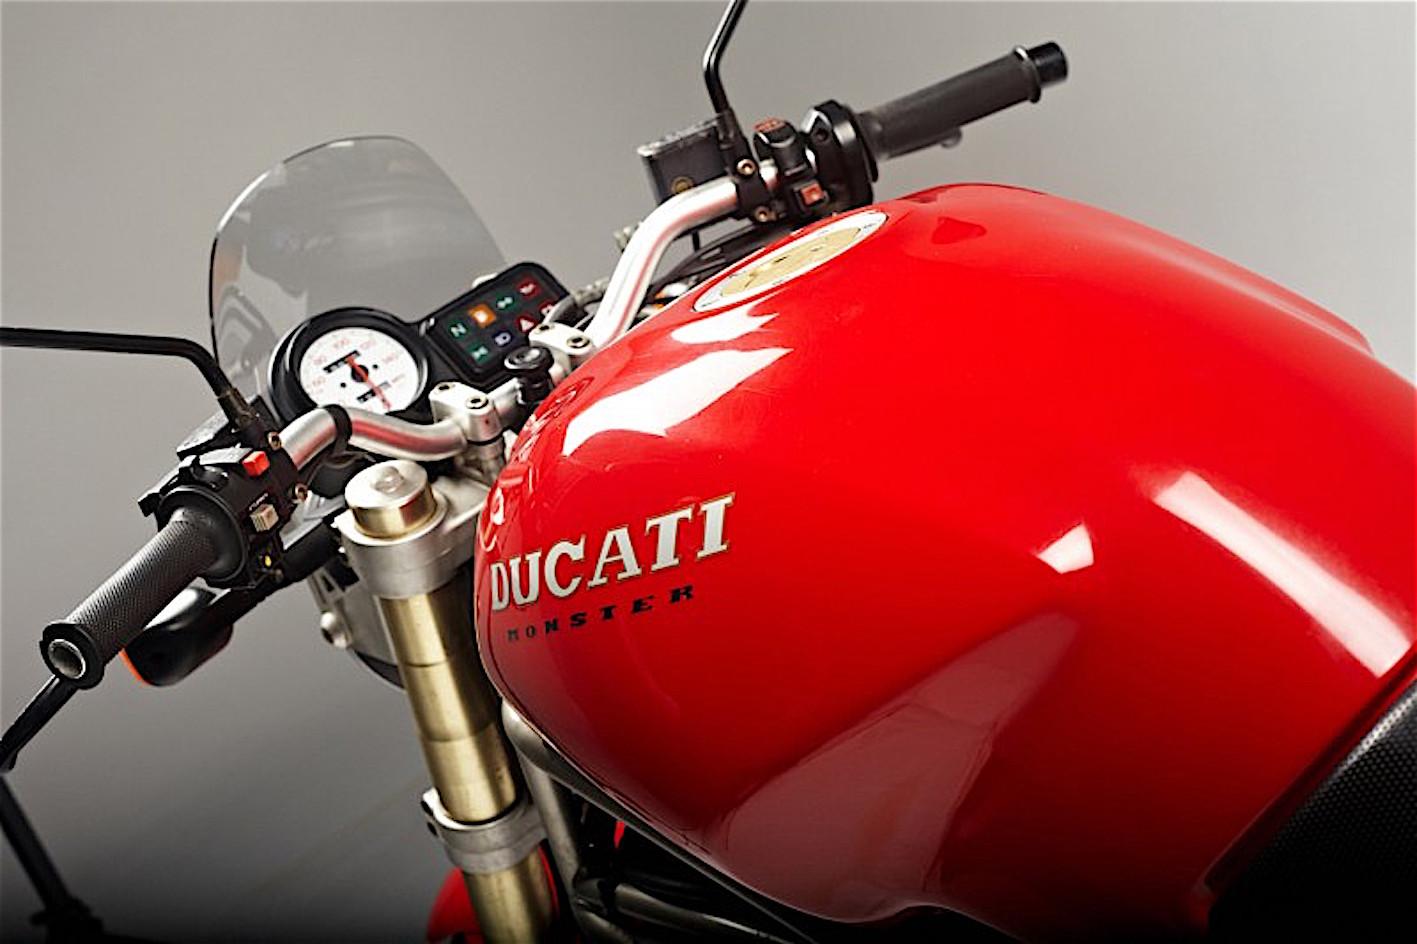 Ducati-M900-Monster-Il-Monstro-1994